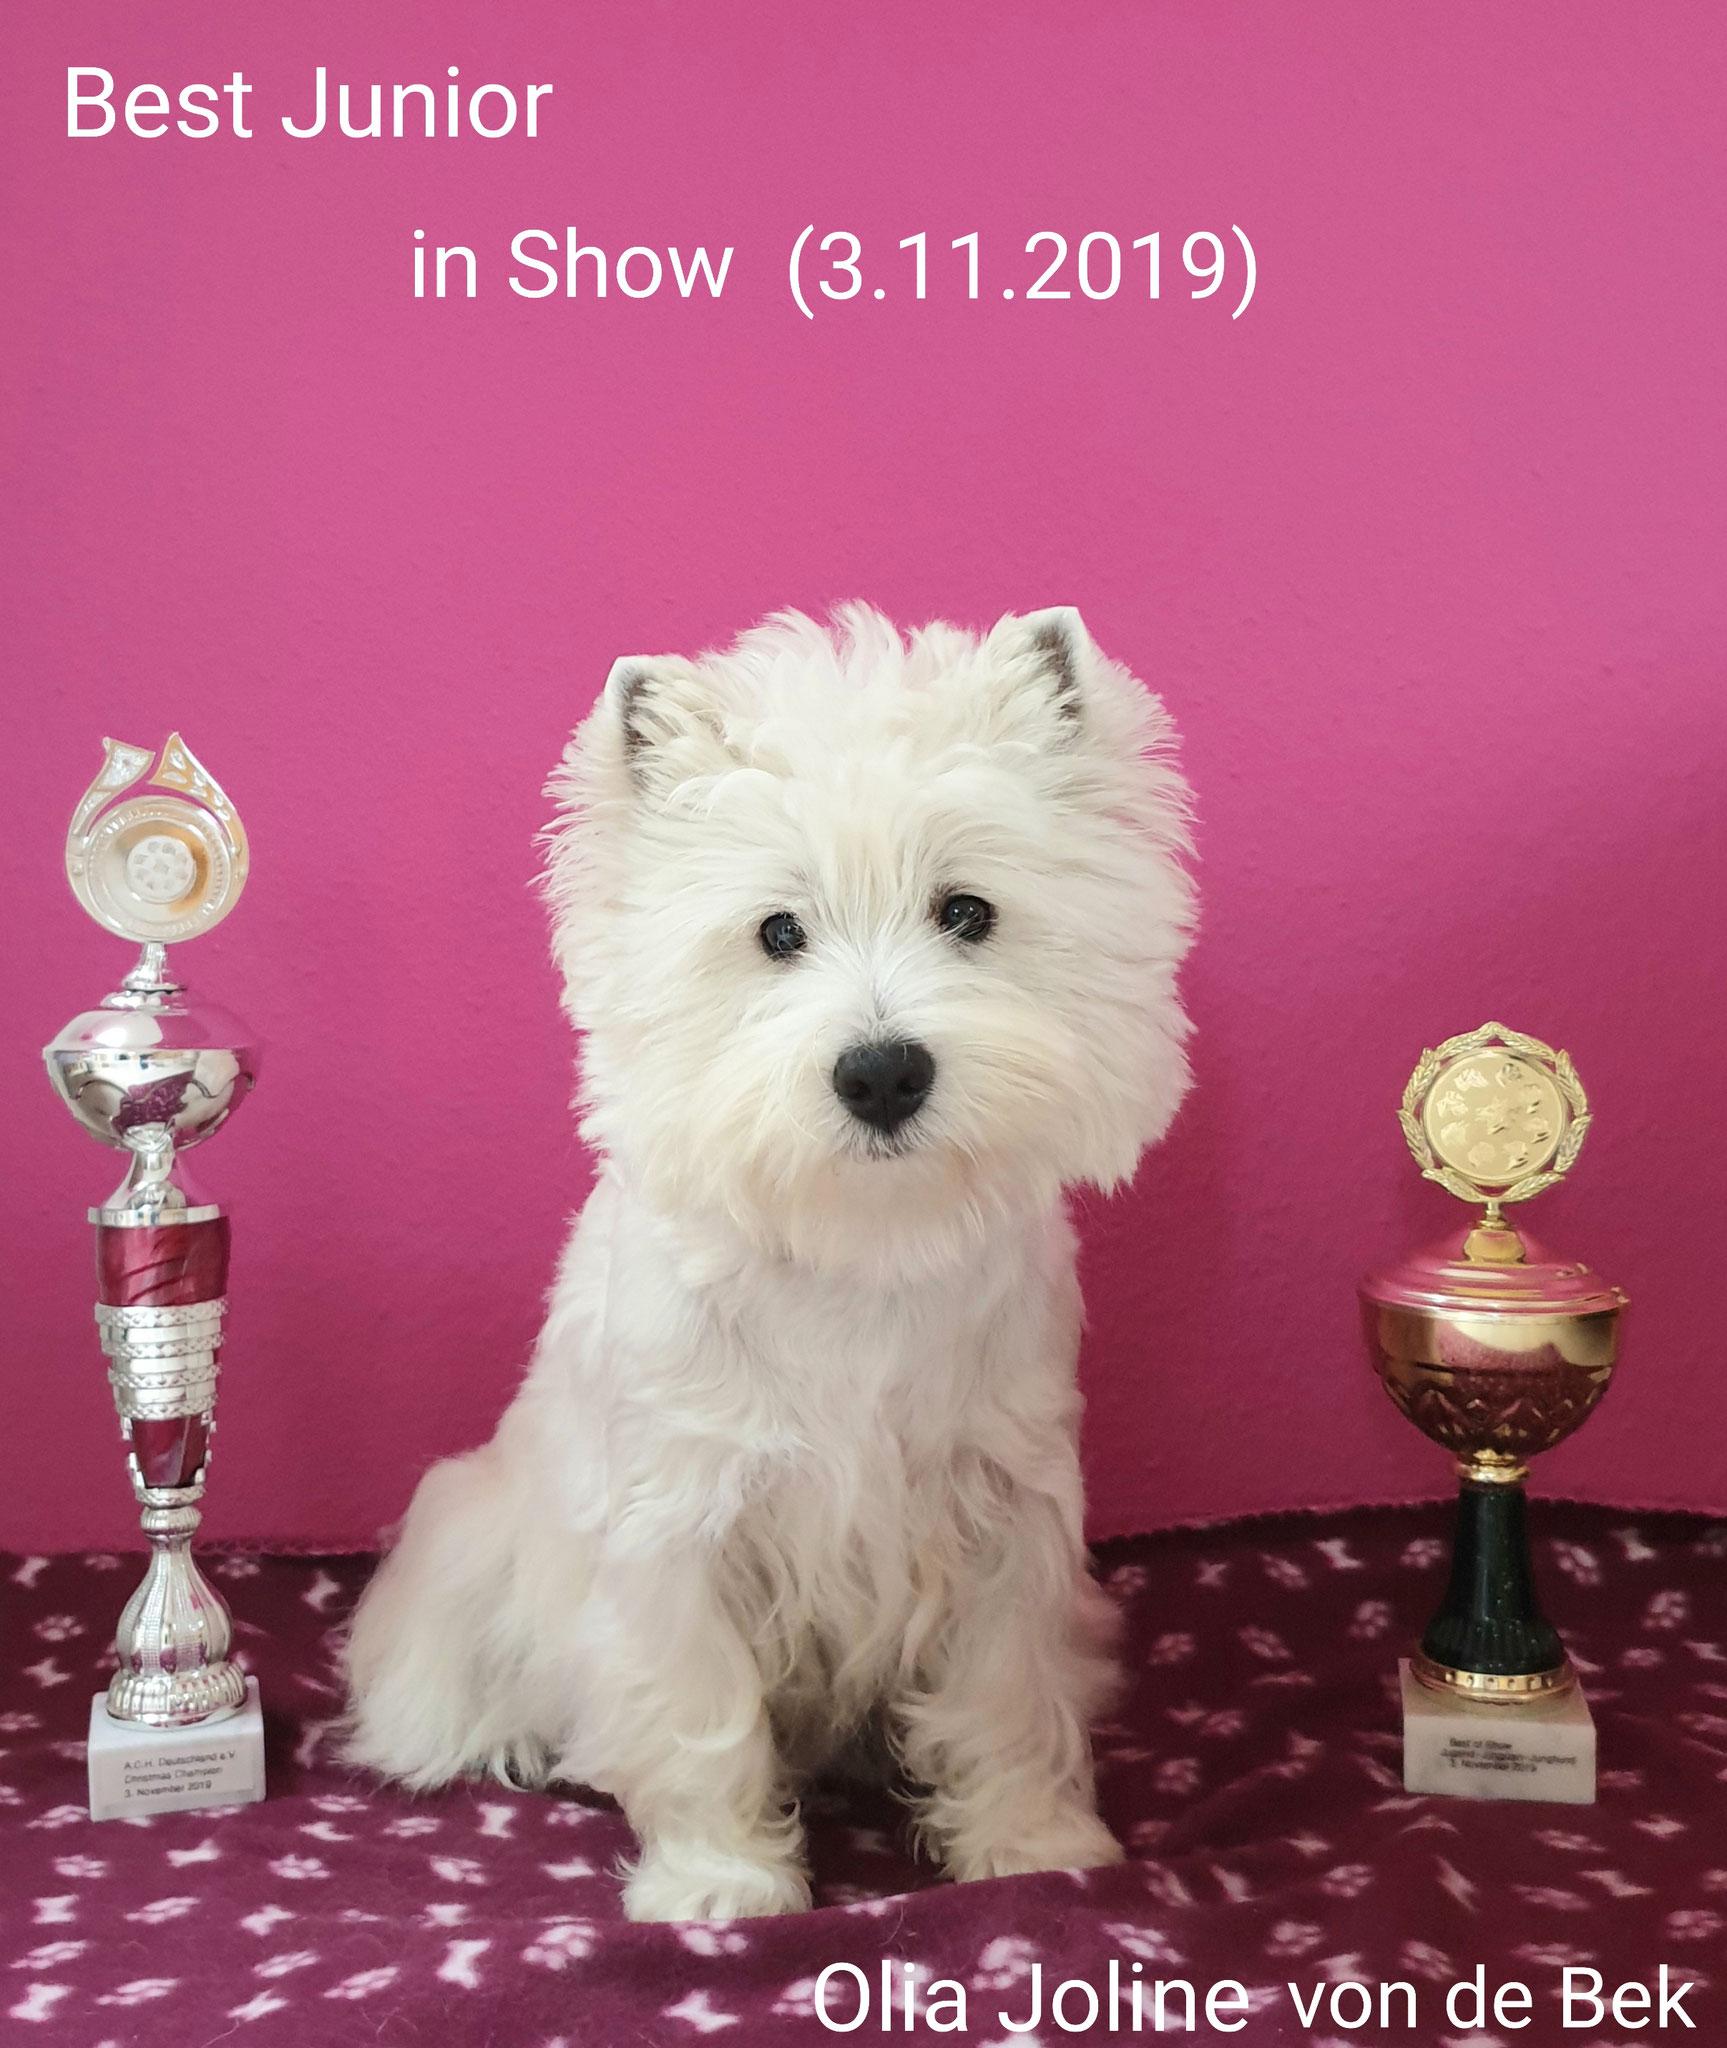 Best Junior in Show 03.11.2019